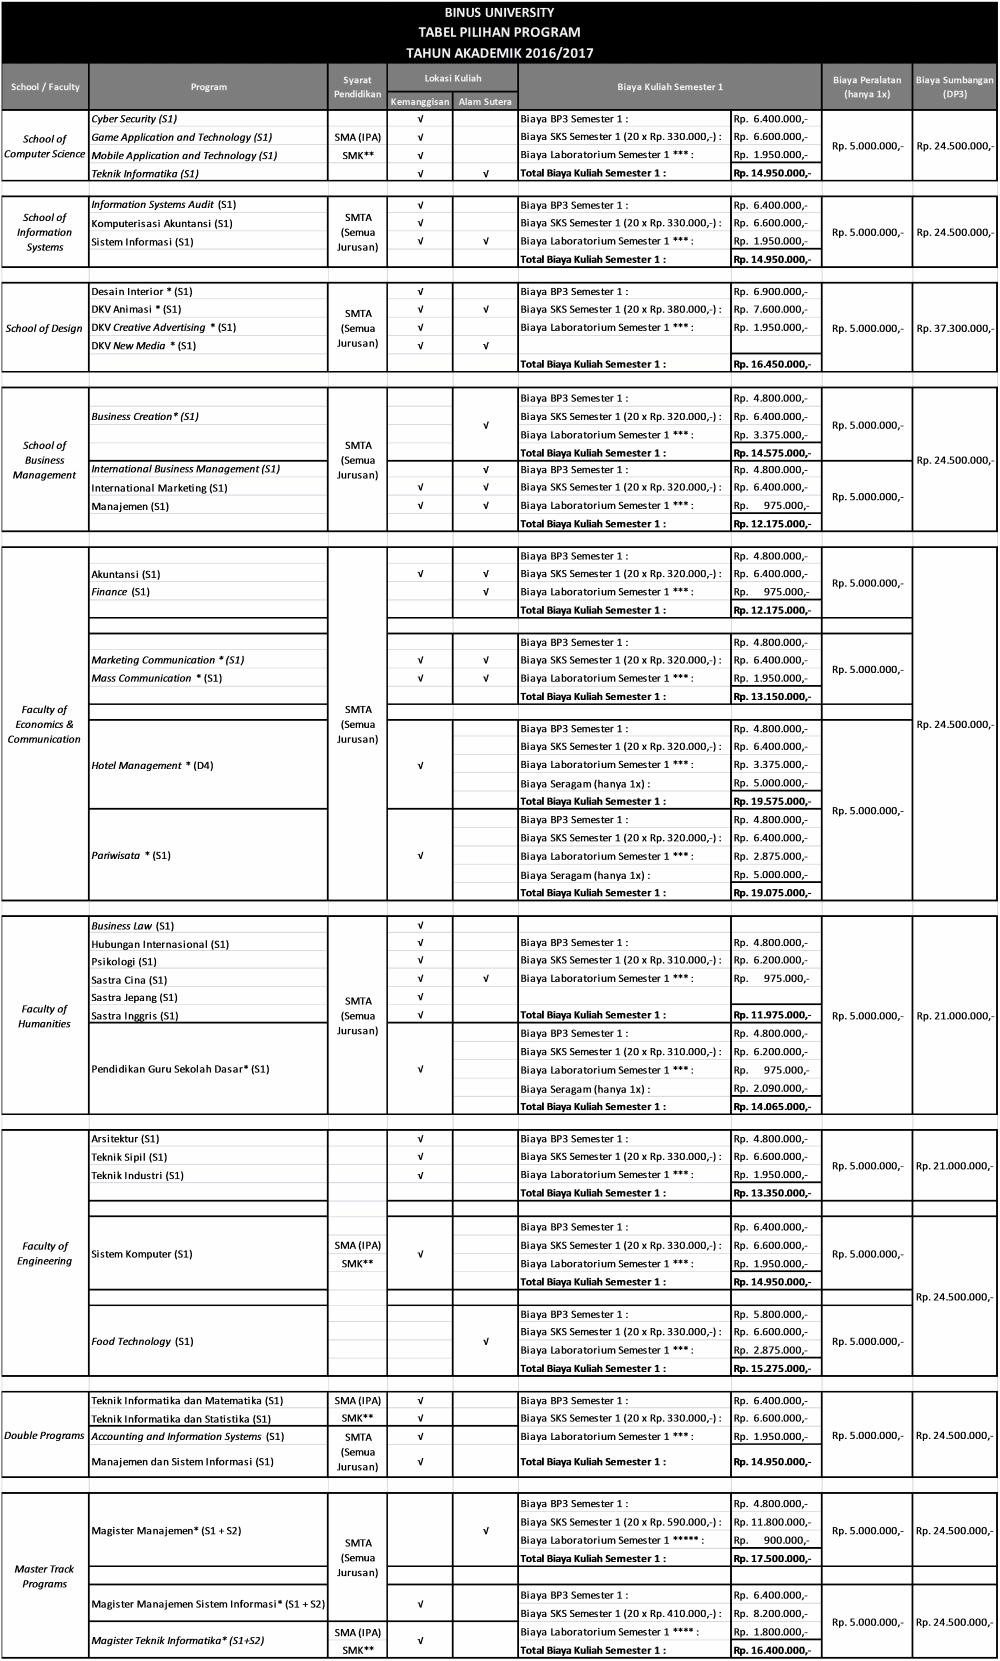 Biaya Kuliah Binus 2016 - 2017